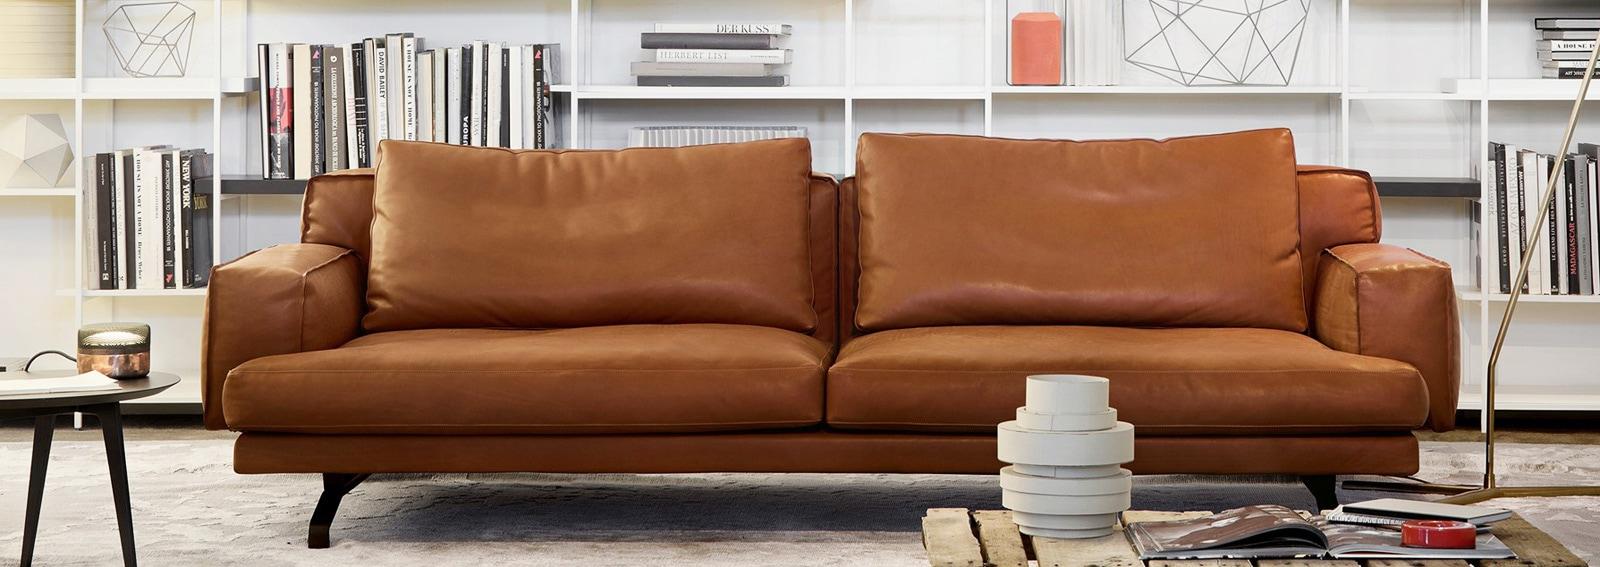 10 divani in pelle per arredare il soggiorno for Divani per salotto